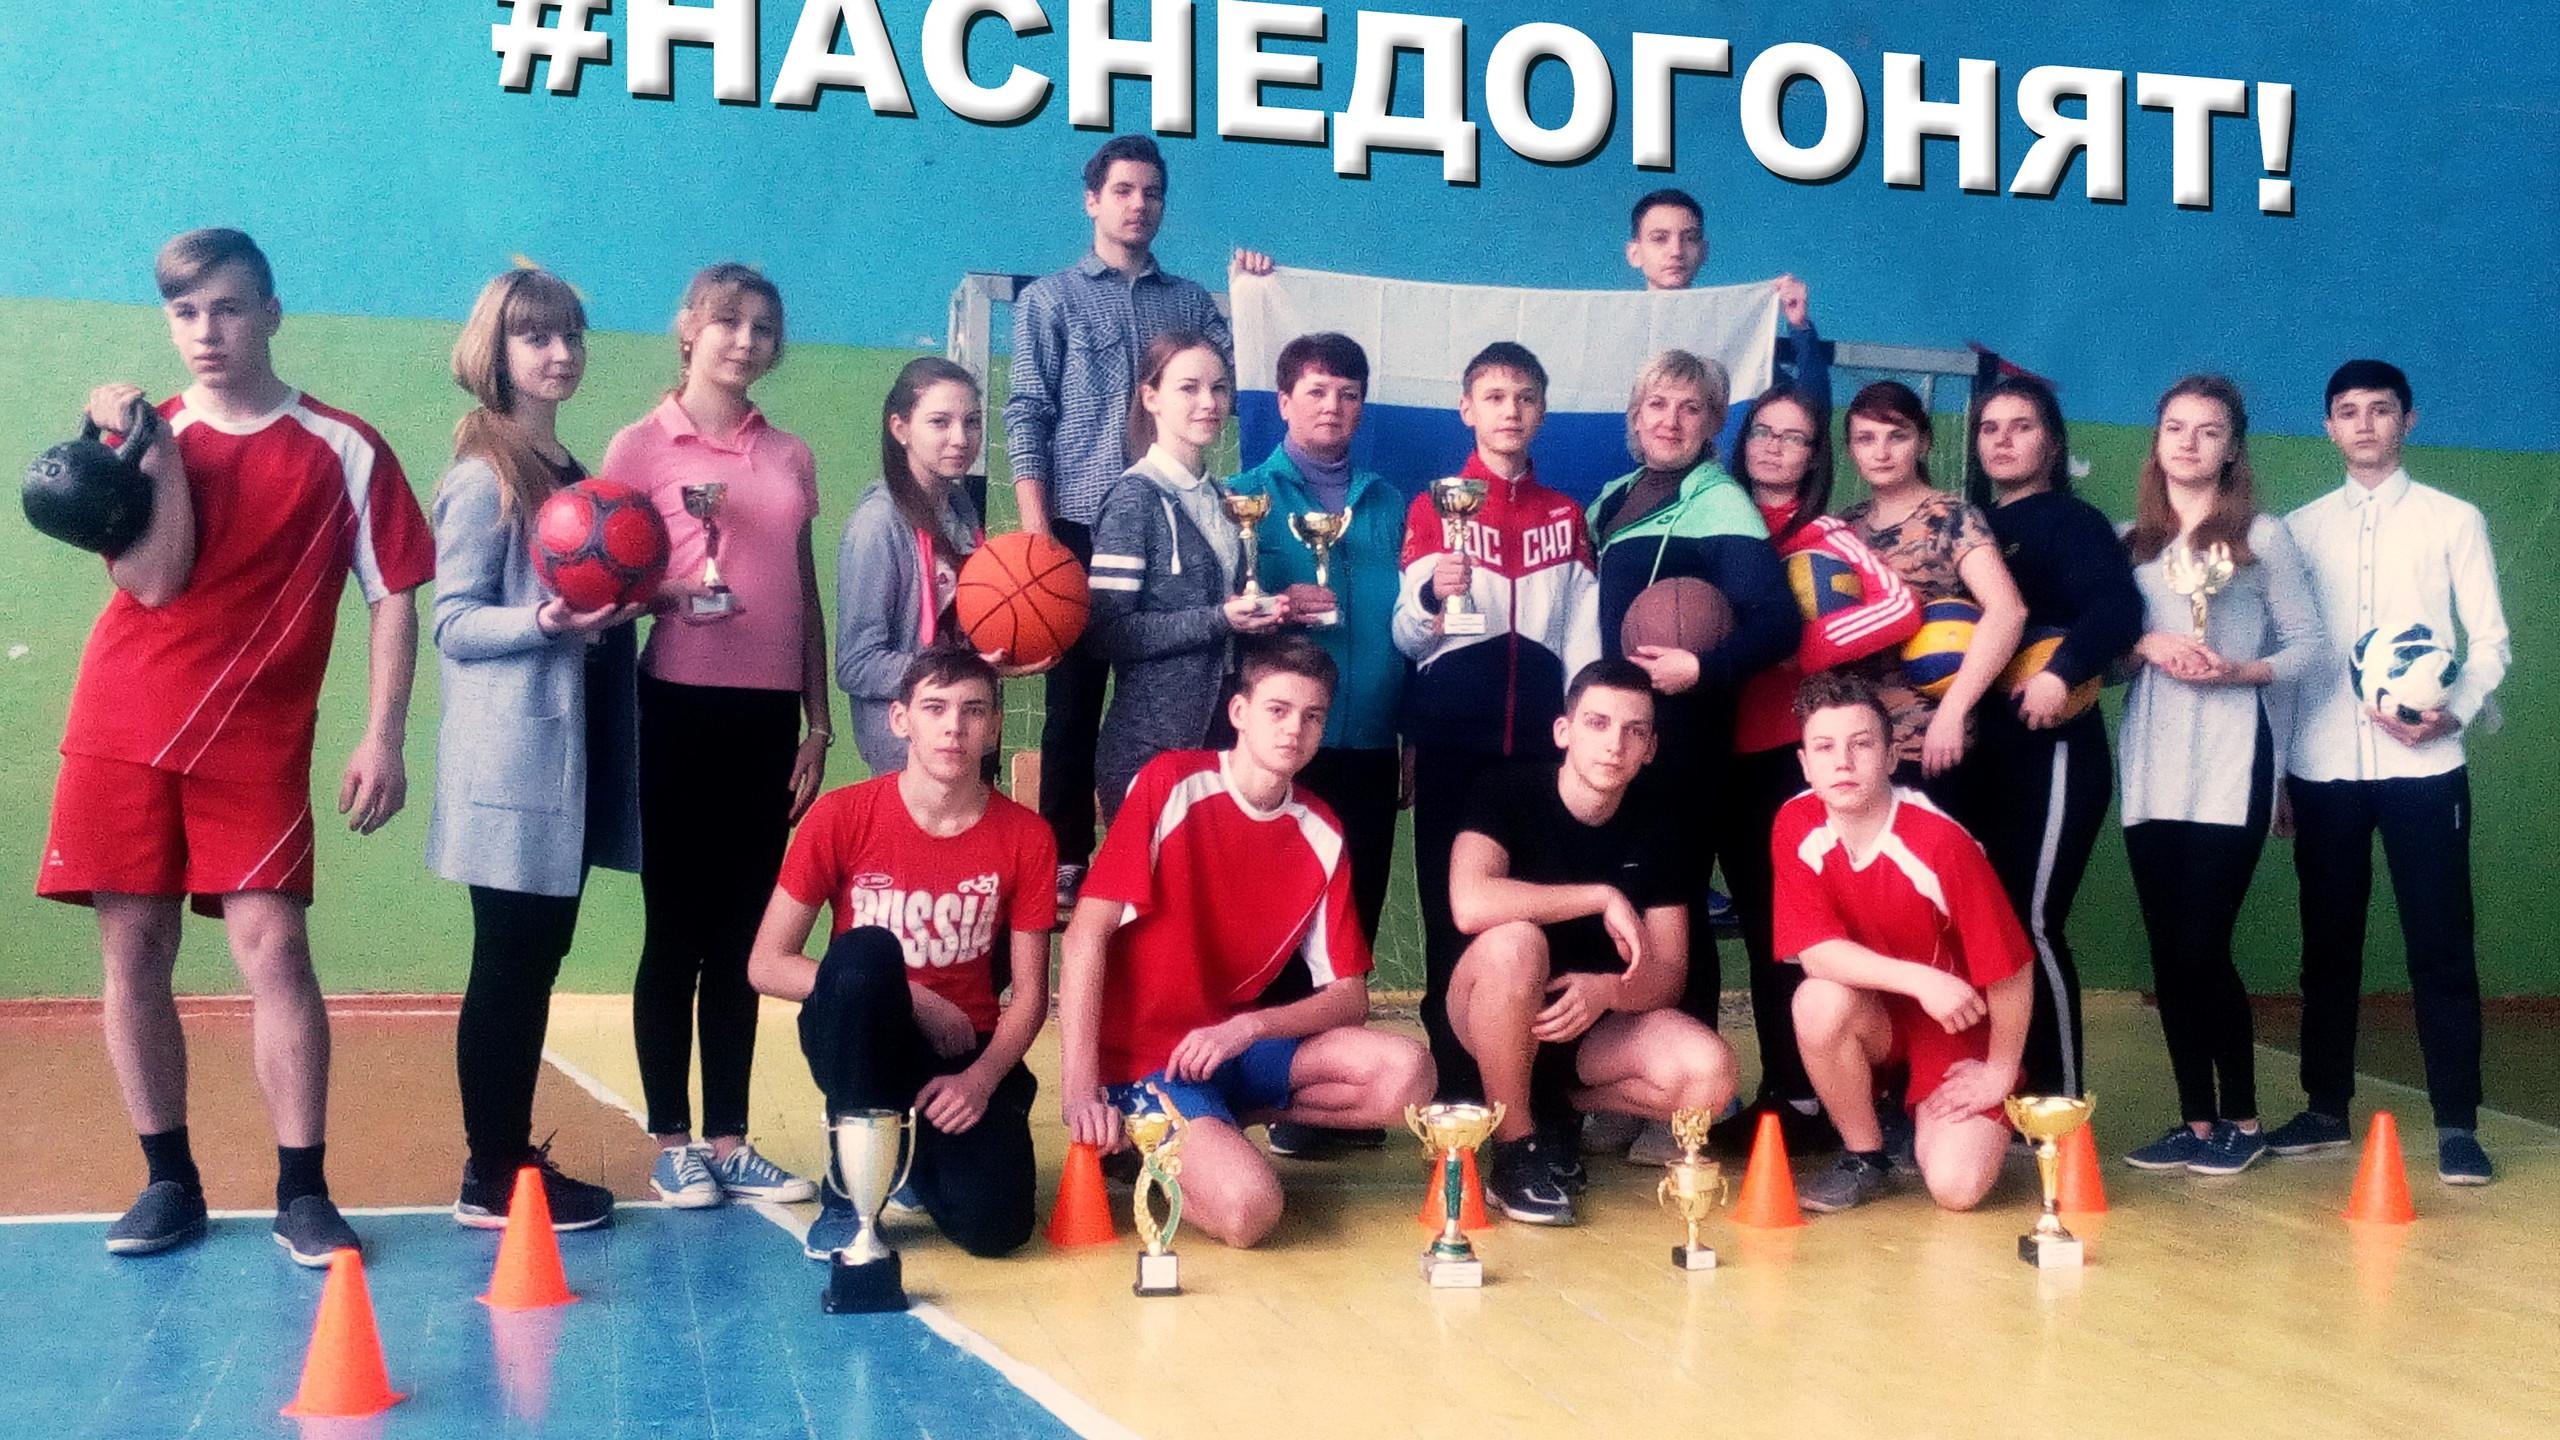 #РОССИЯВМОЕМСЕРДЦЕ МБОУ ССОШ №2 г Стародуб Брянская обл в поддержку российских олимпийцев (3)